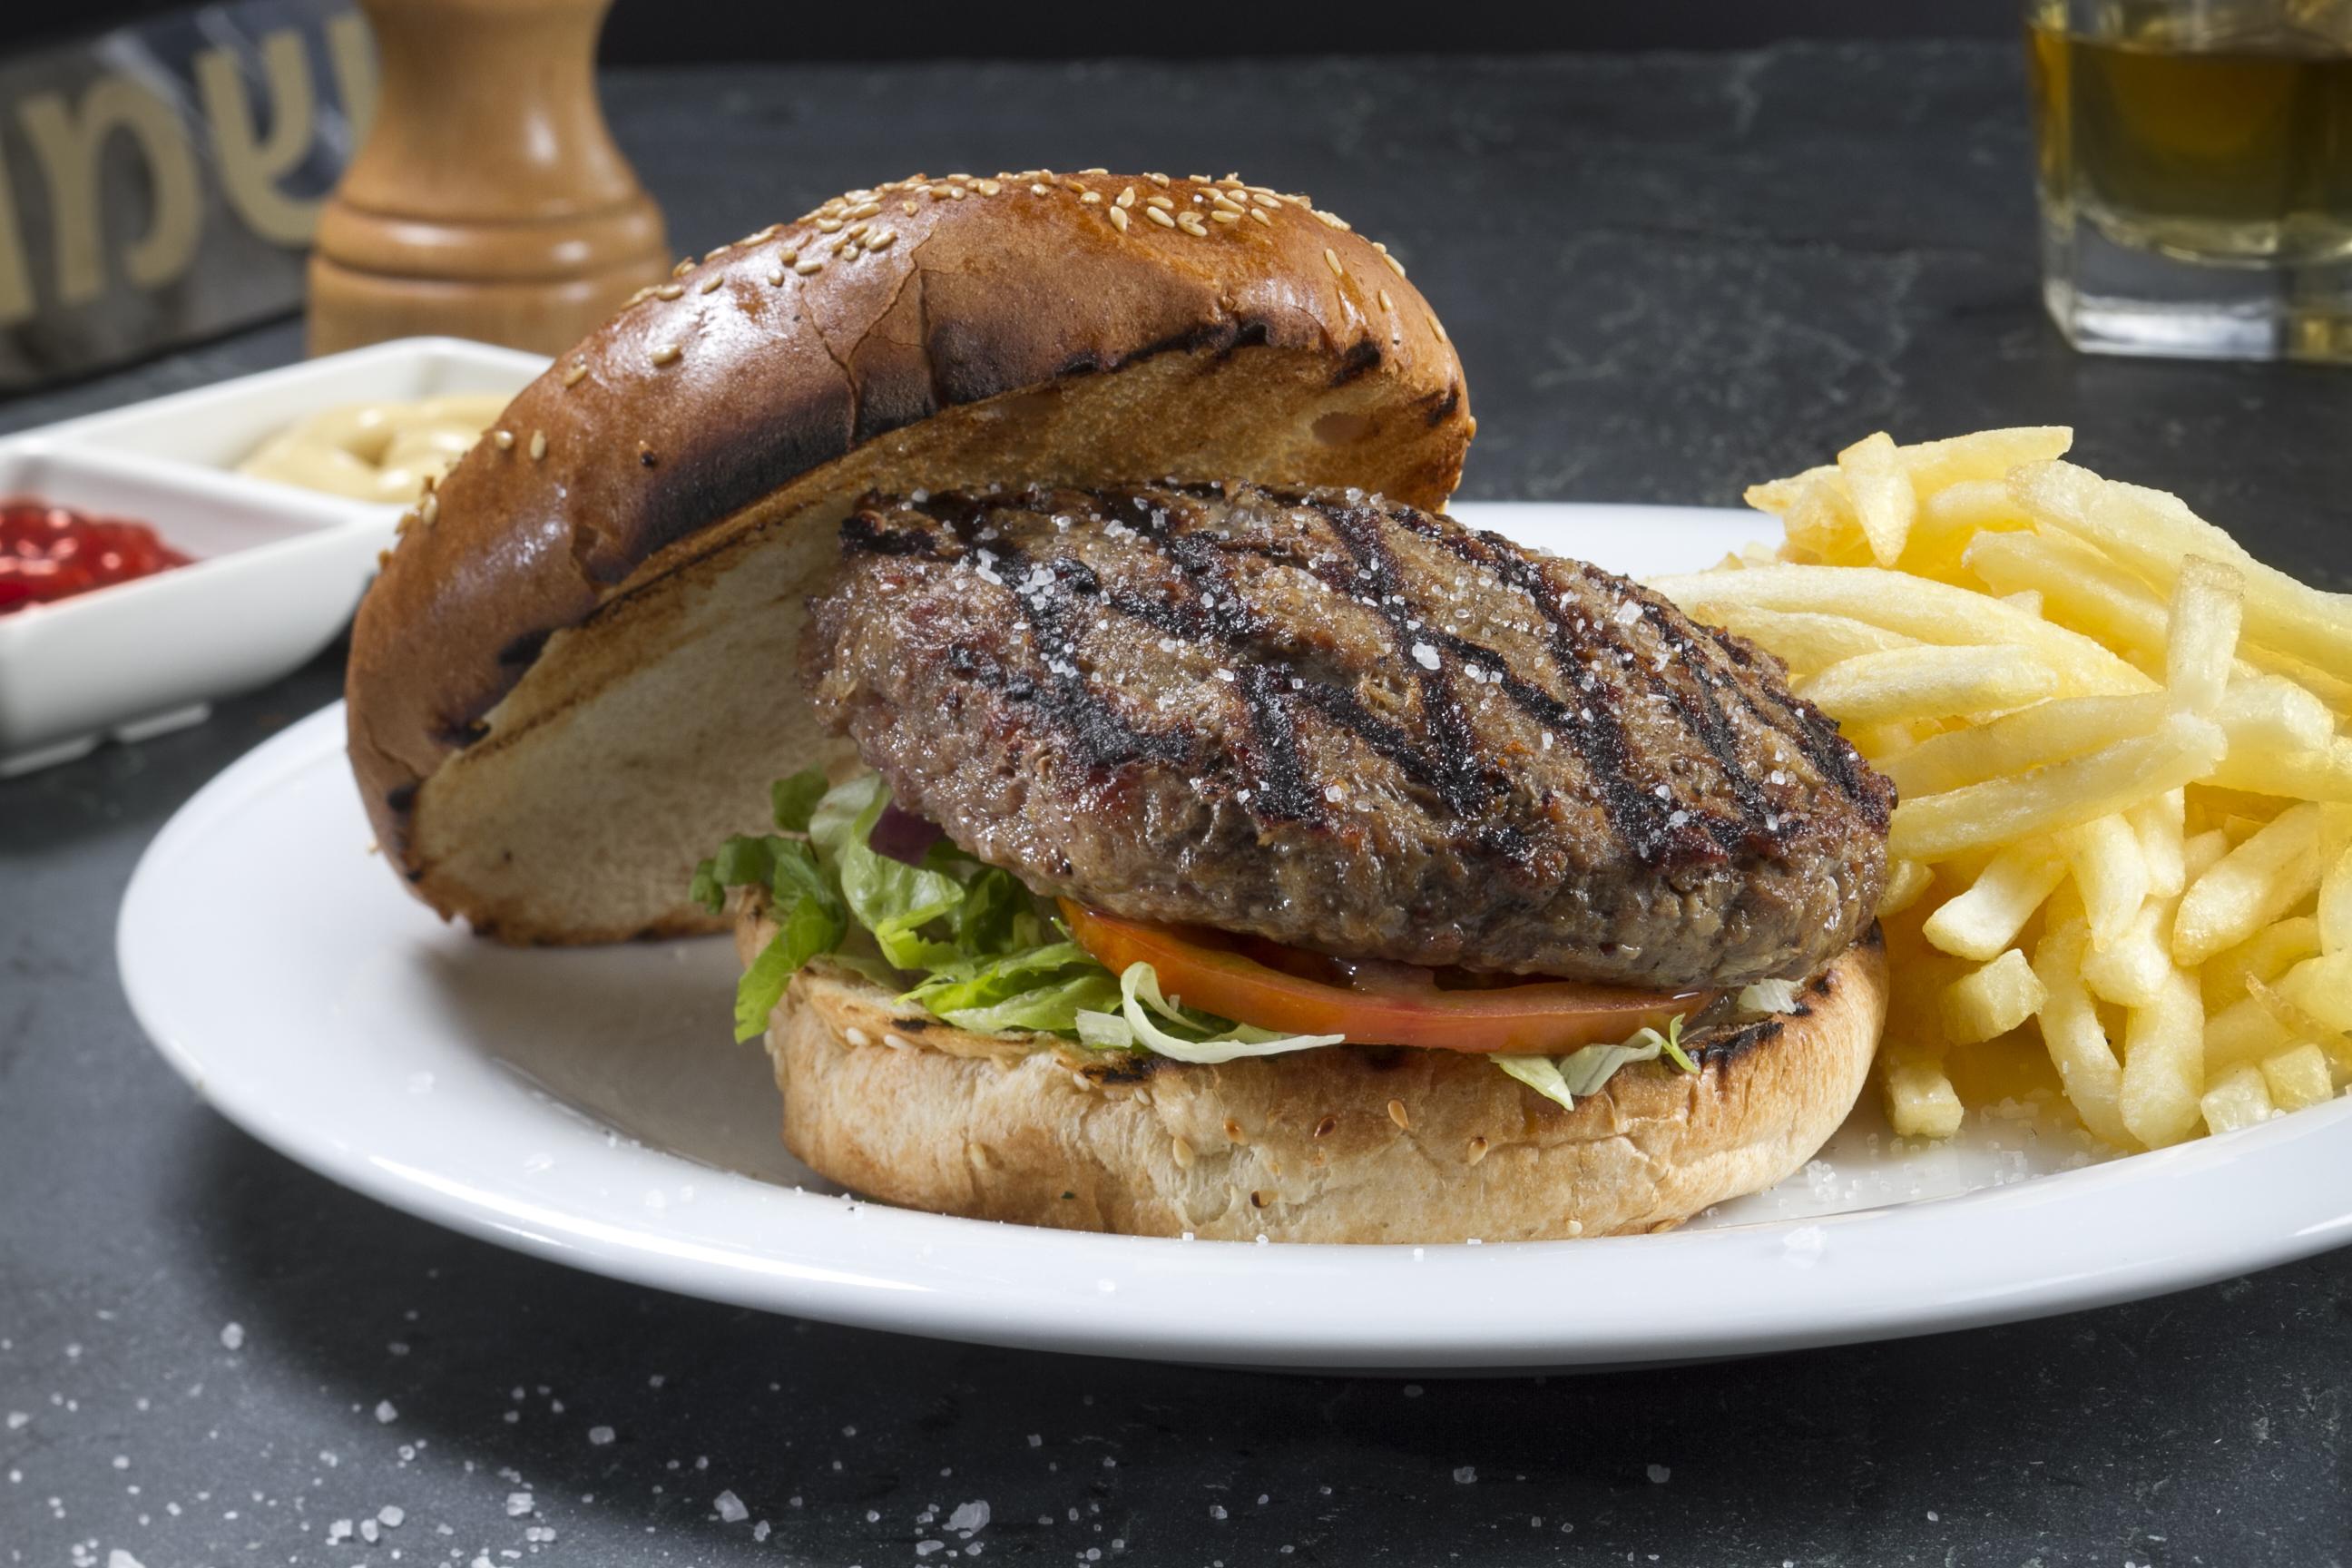 המבורגר של לאנטריקוט (צילום: דן פרץ)